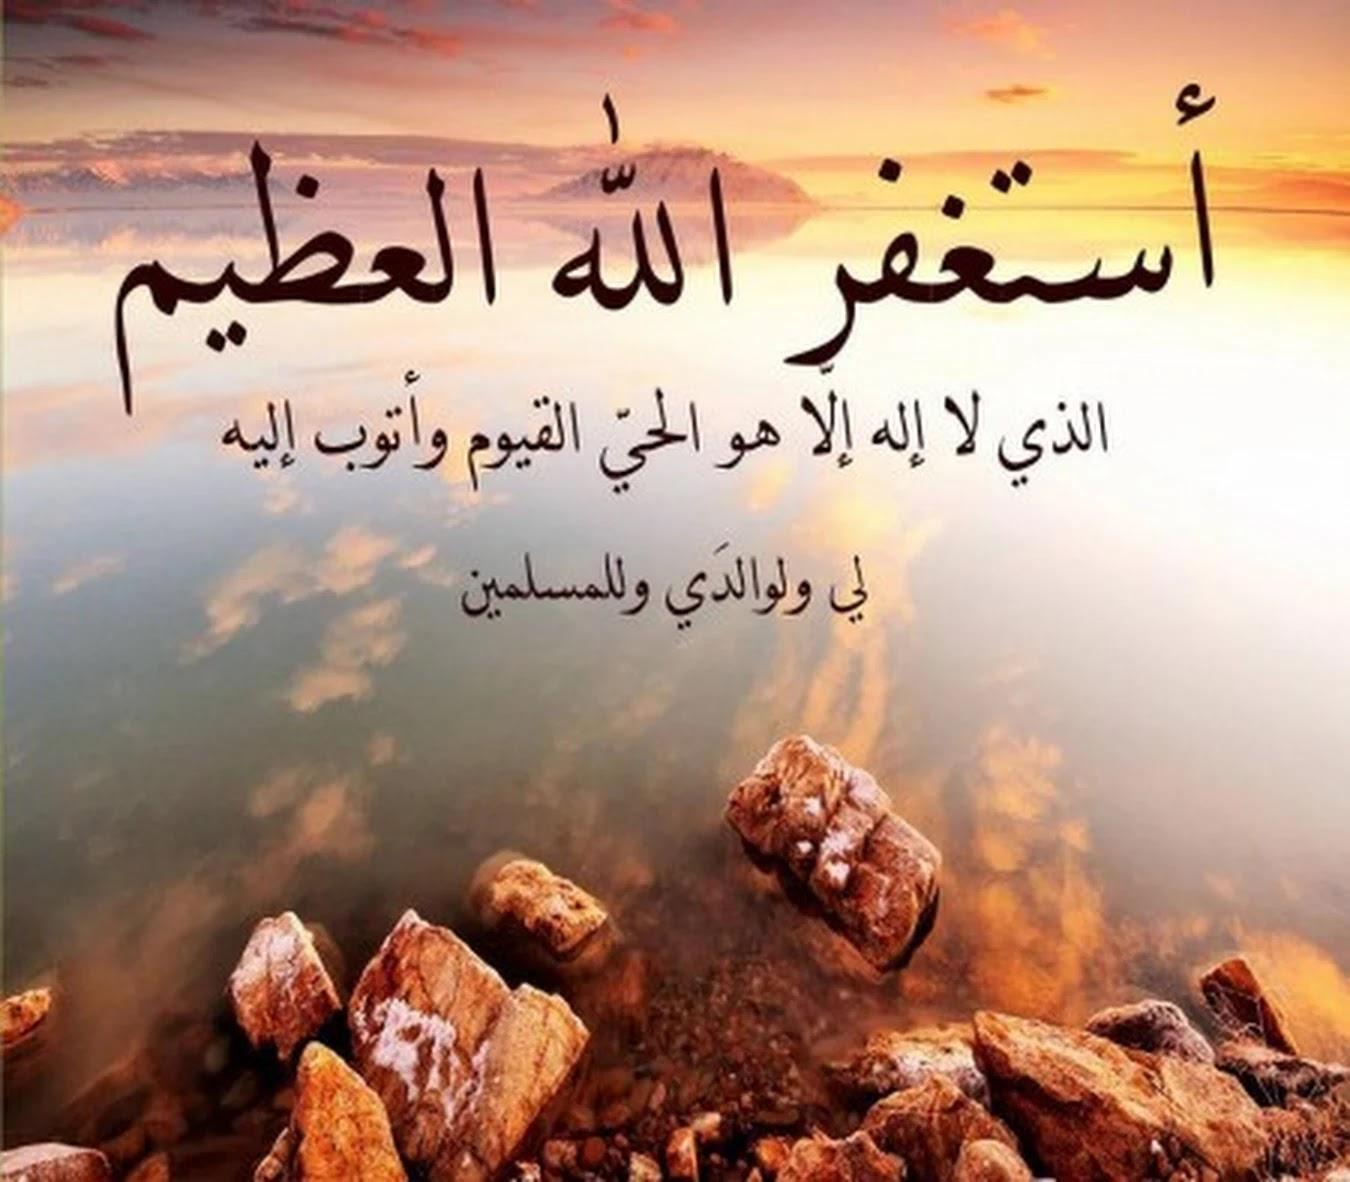 صورة ادعية دينية مصورة , اجمل الادعيه المصوره